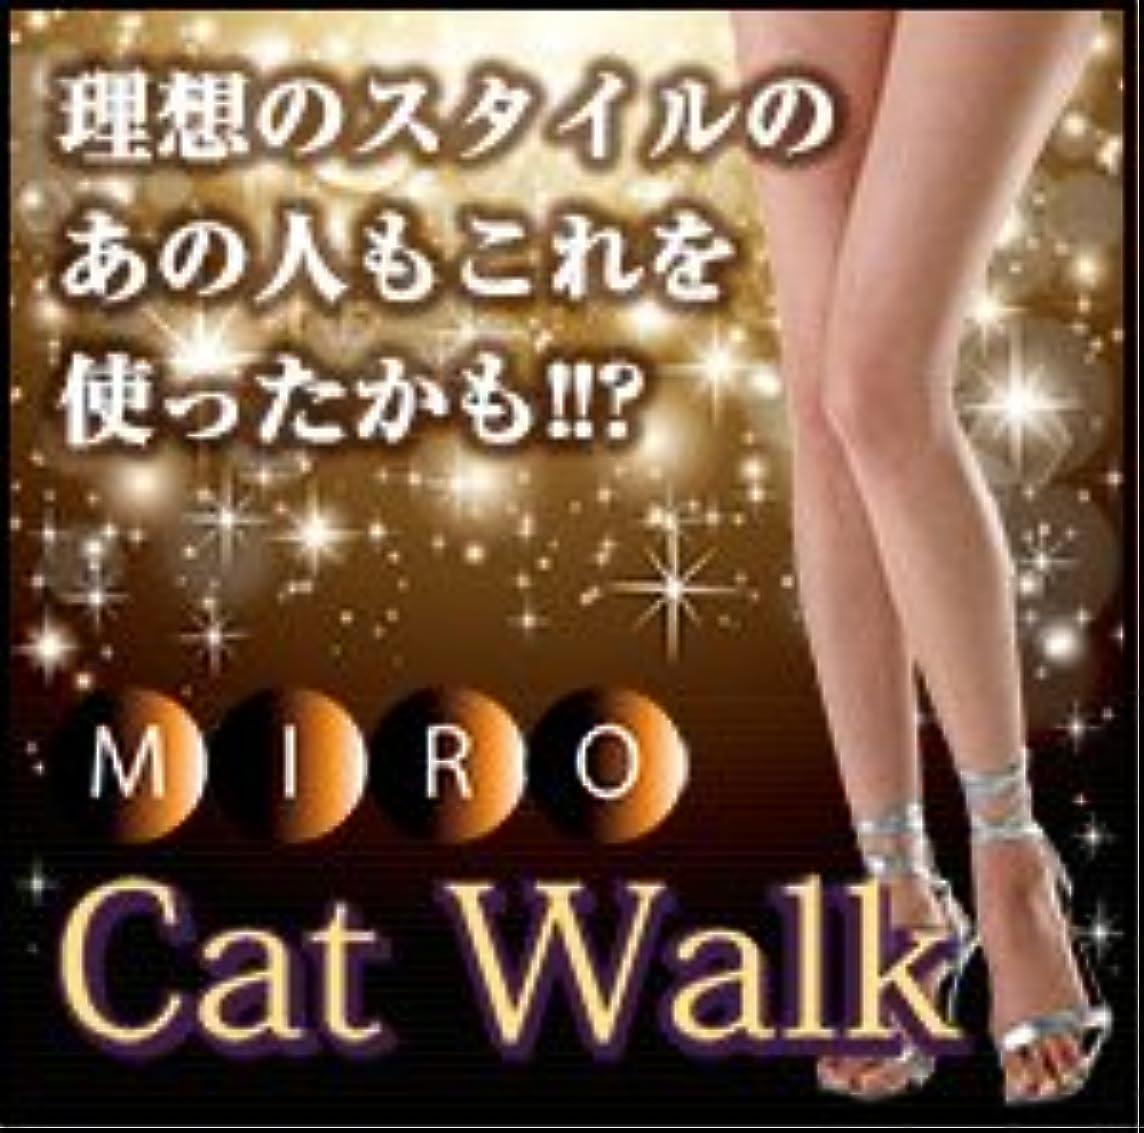 ウォルターカニンガム事実予防接種MIRO CAT Walk(ミロ キャットウォーク)/理想のスタイルのあの人もこれを使ったかも!?【CC】